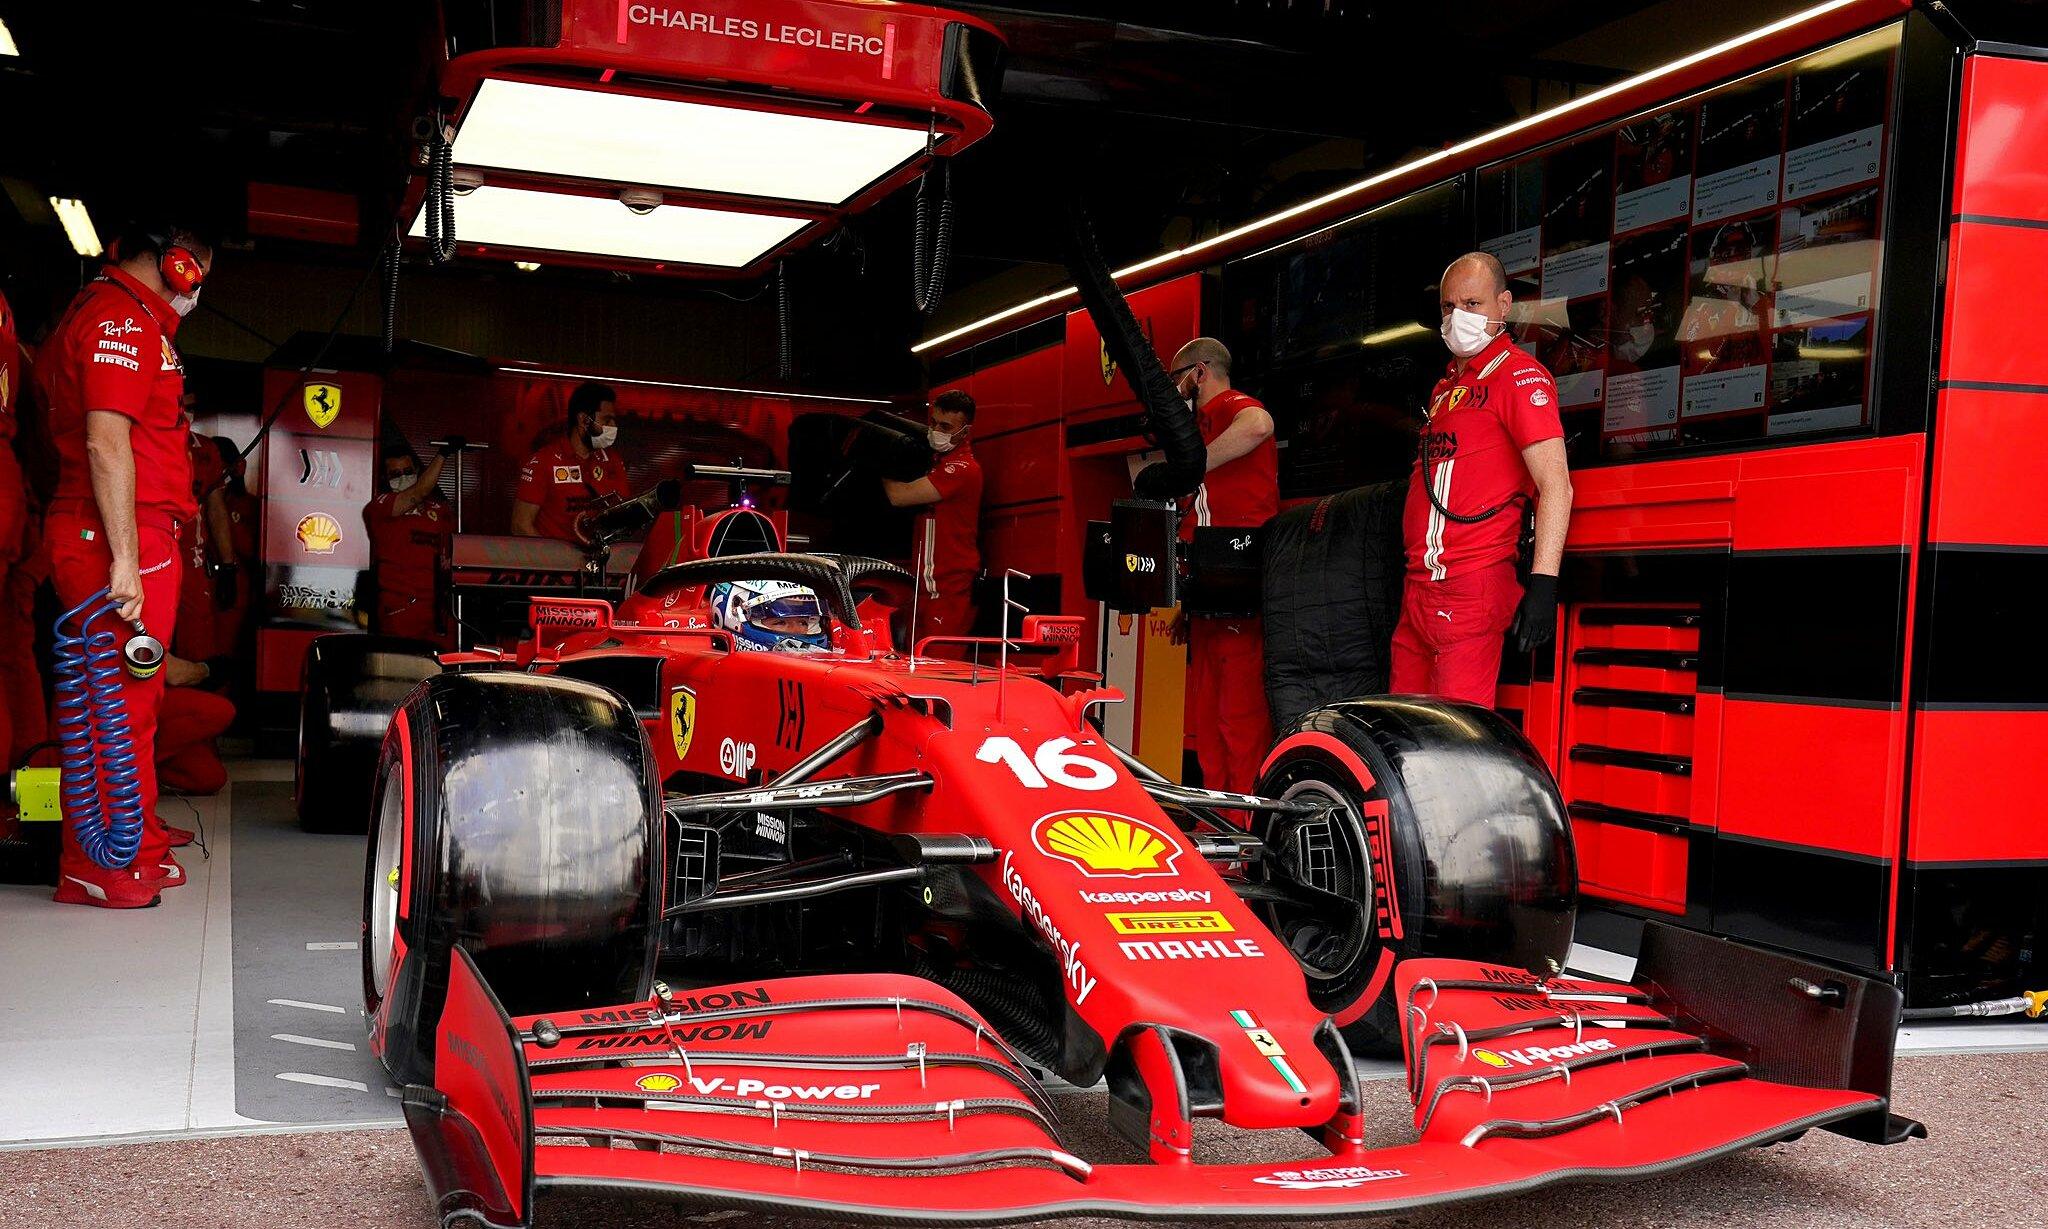 Leclerc harus menyerah hanya 30 menit sebelum balapan resmi Grand Prix Monaco dimulai.  Foto: Scuderia Ferrari